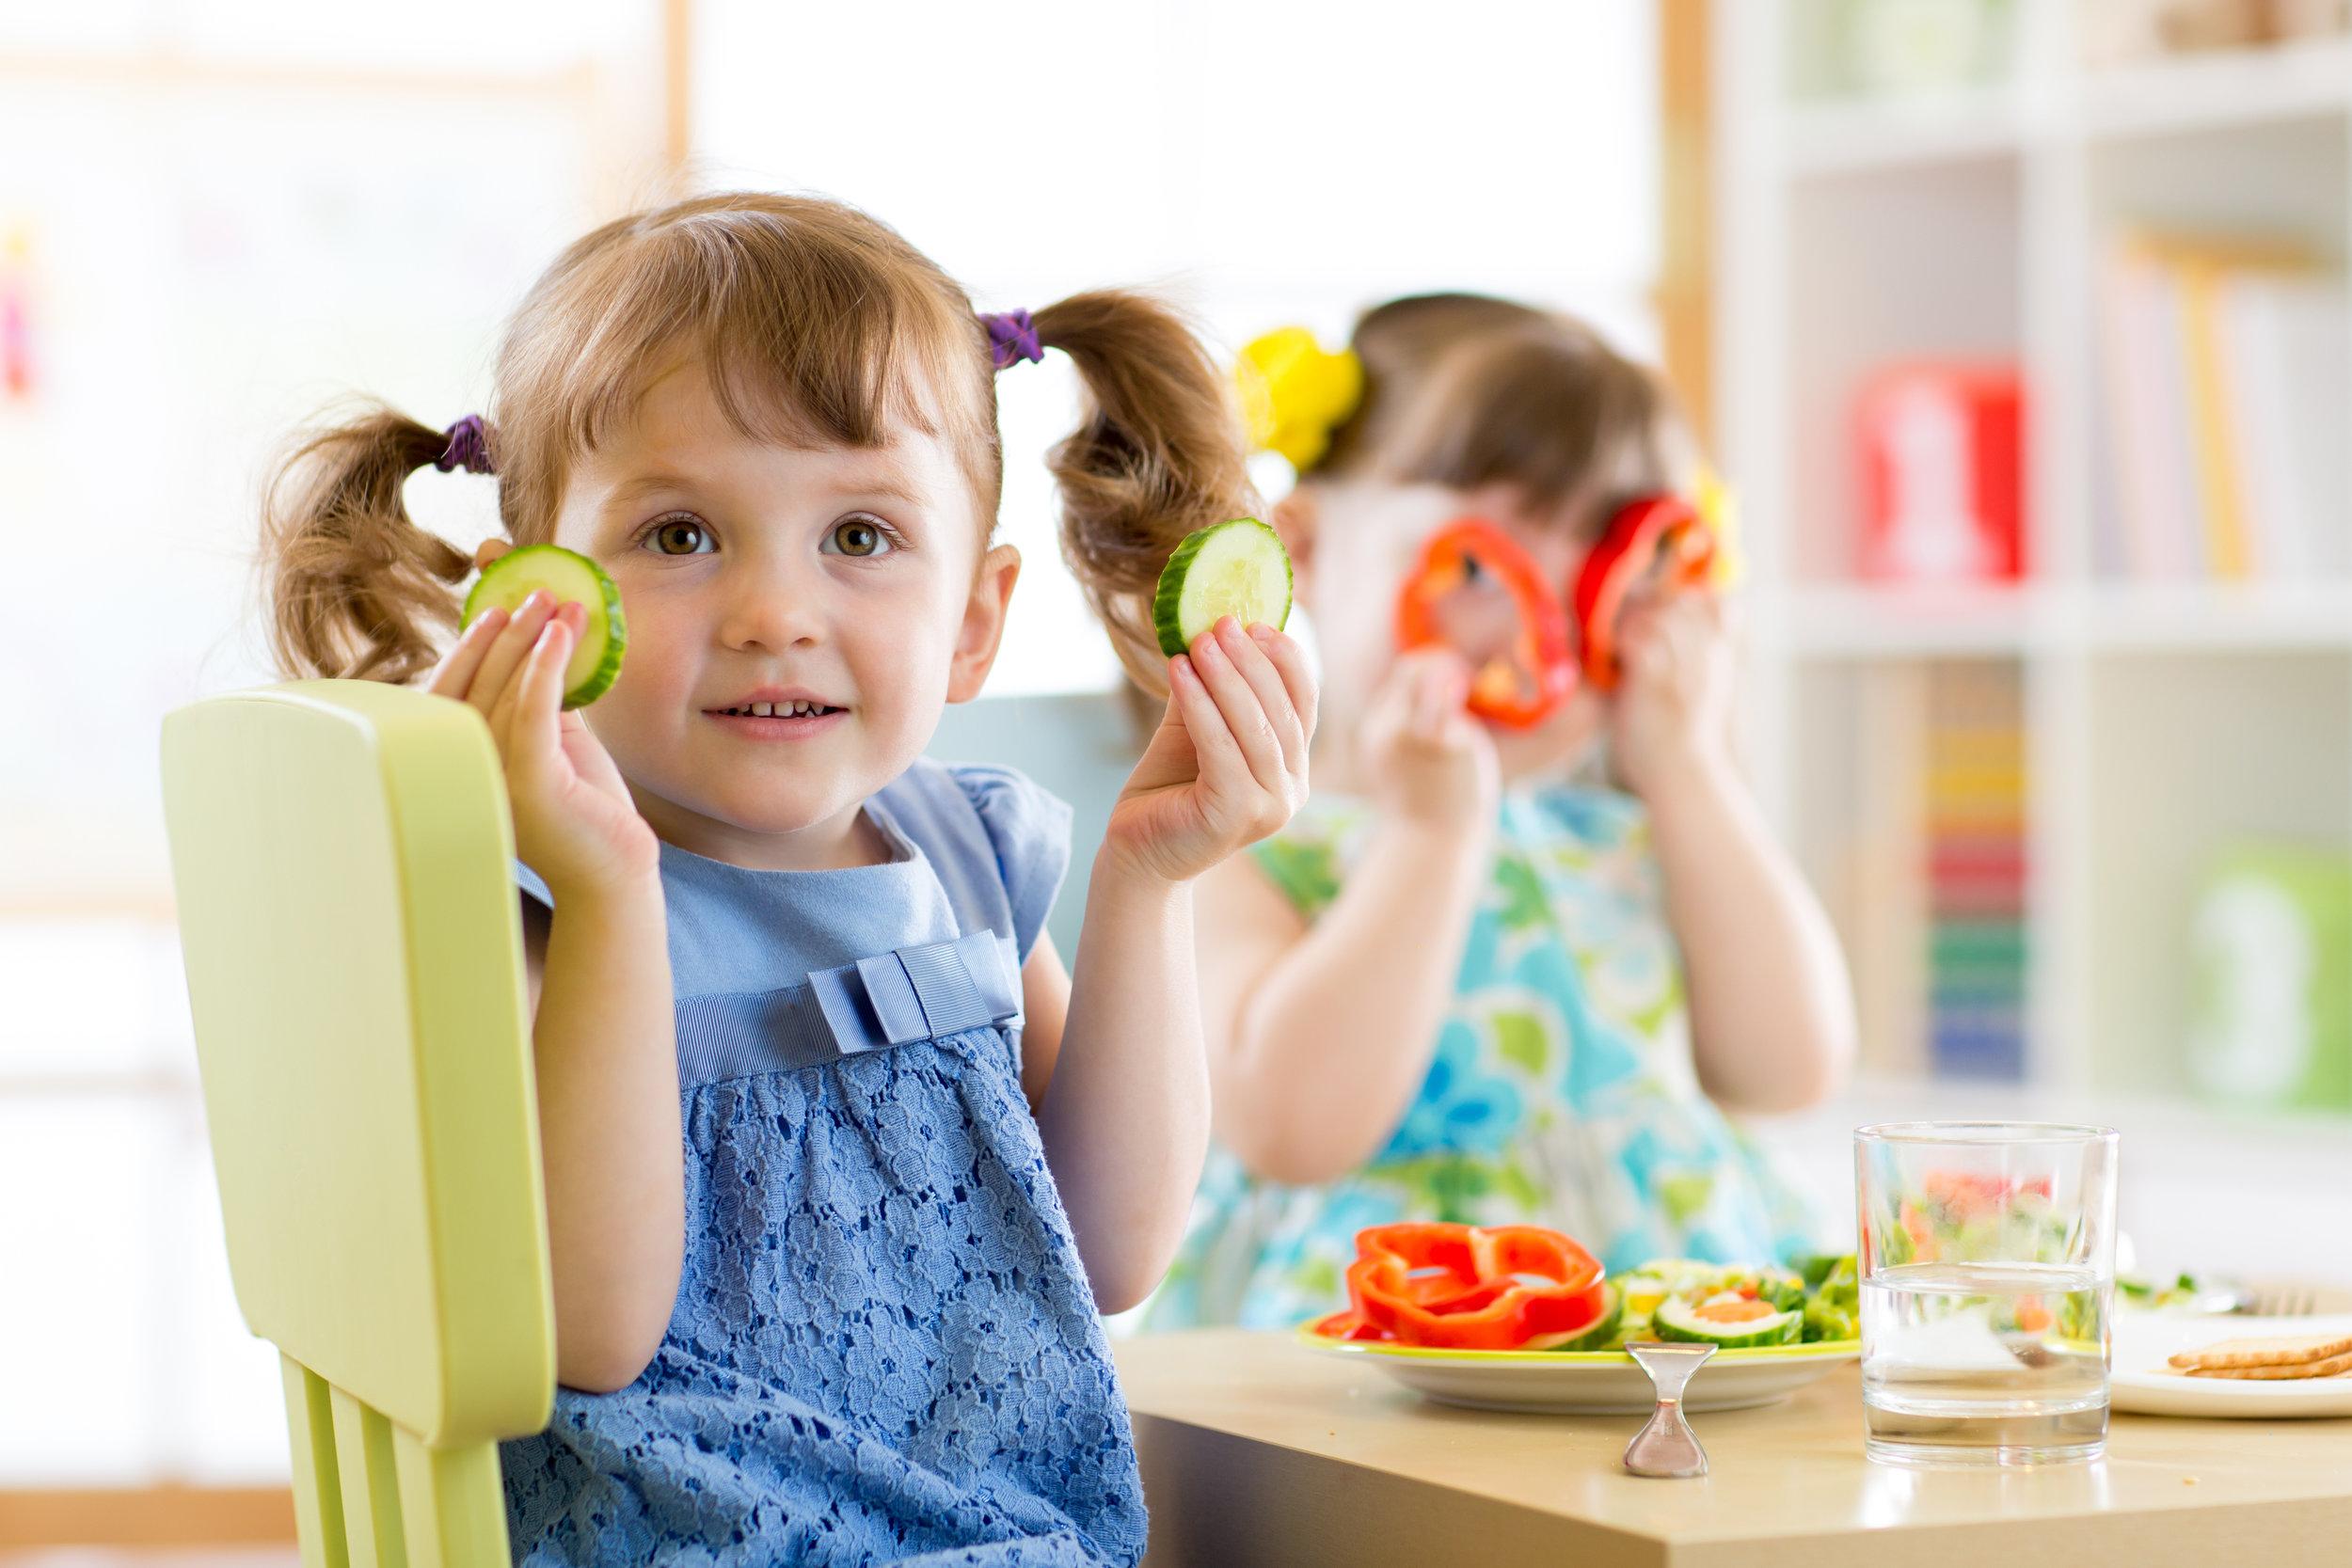 preschoolers-eating.jpg